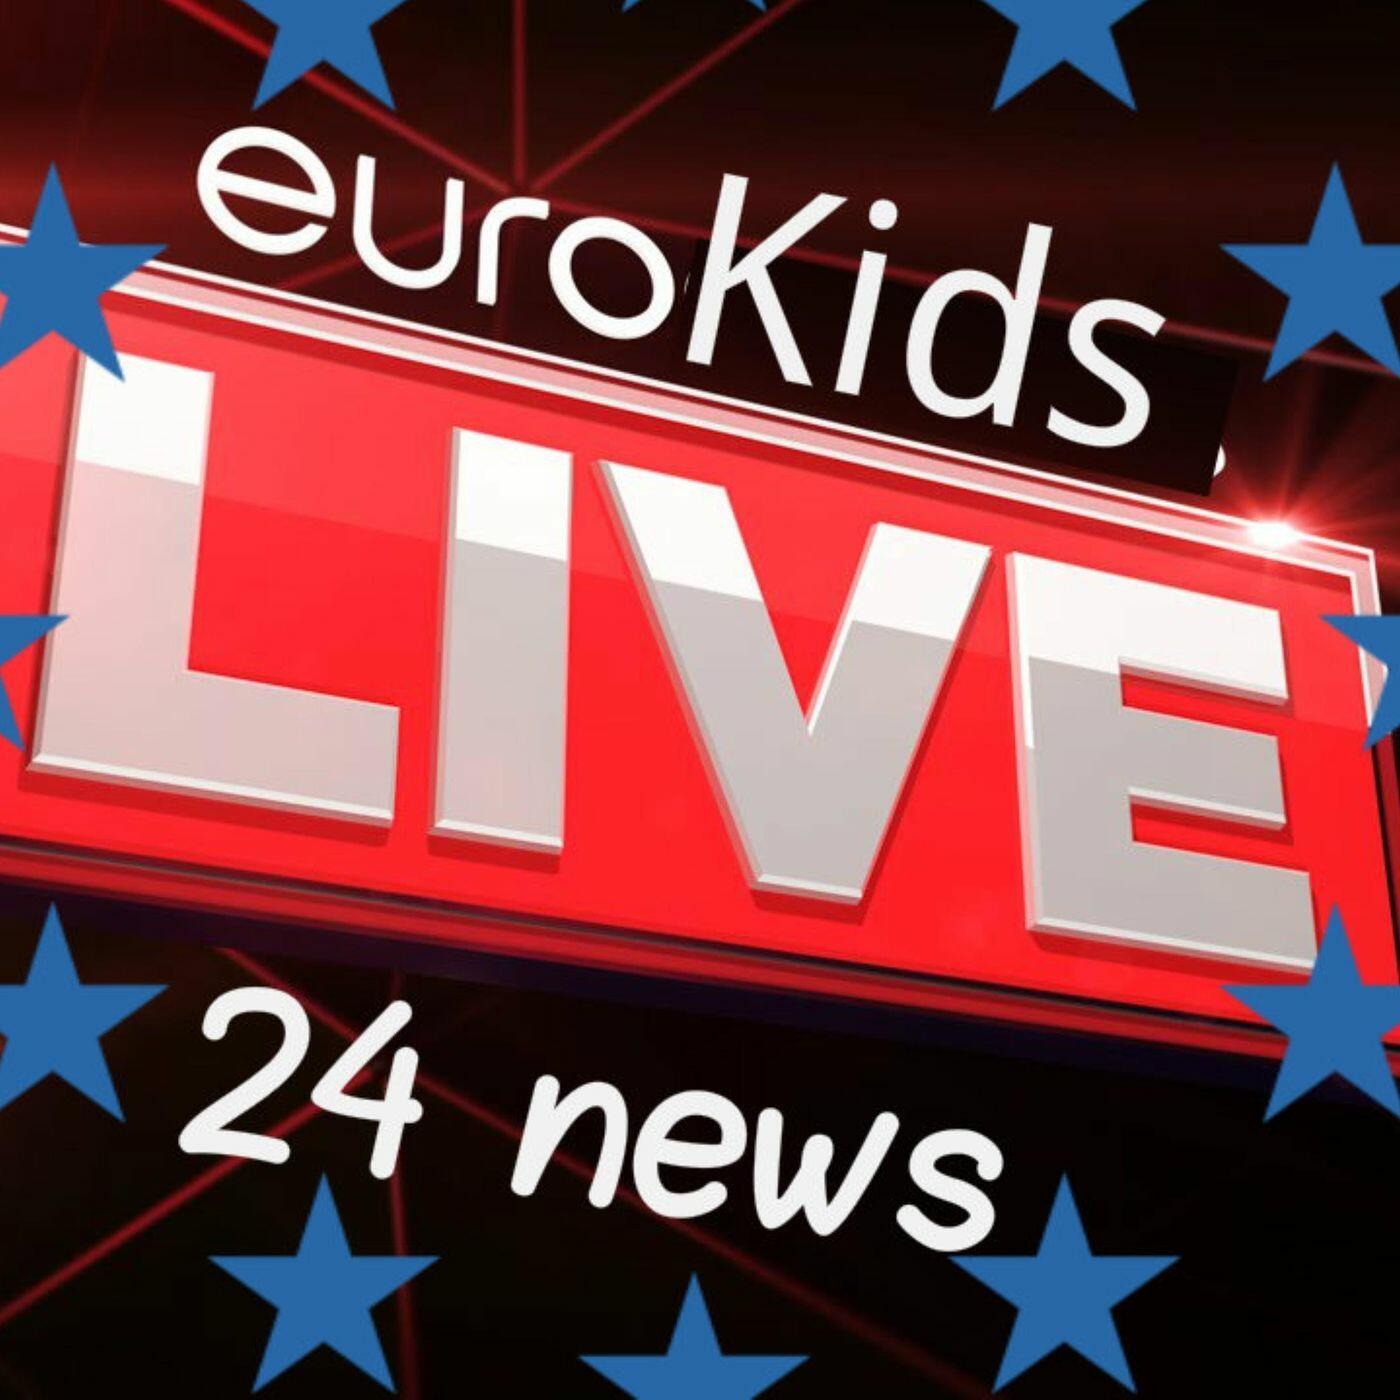 19-20 Eurokids: In Romanian